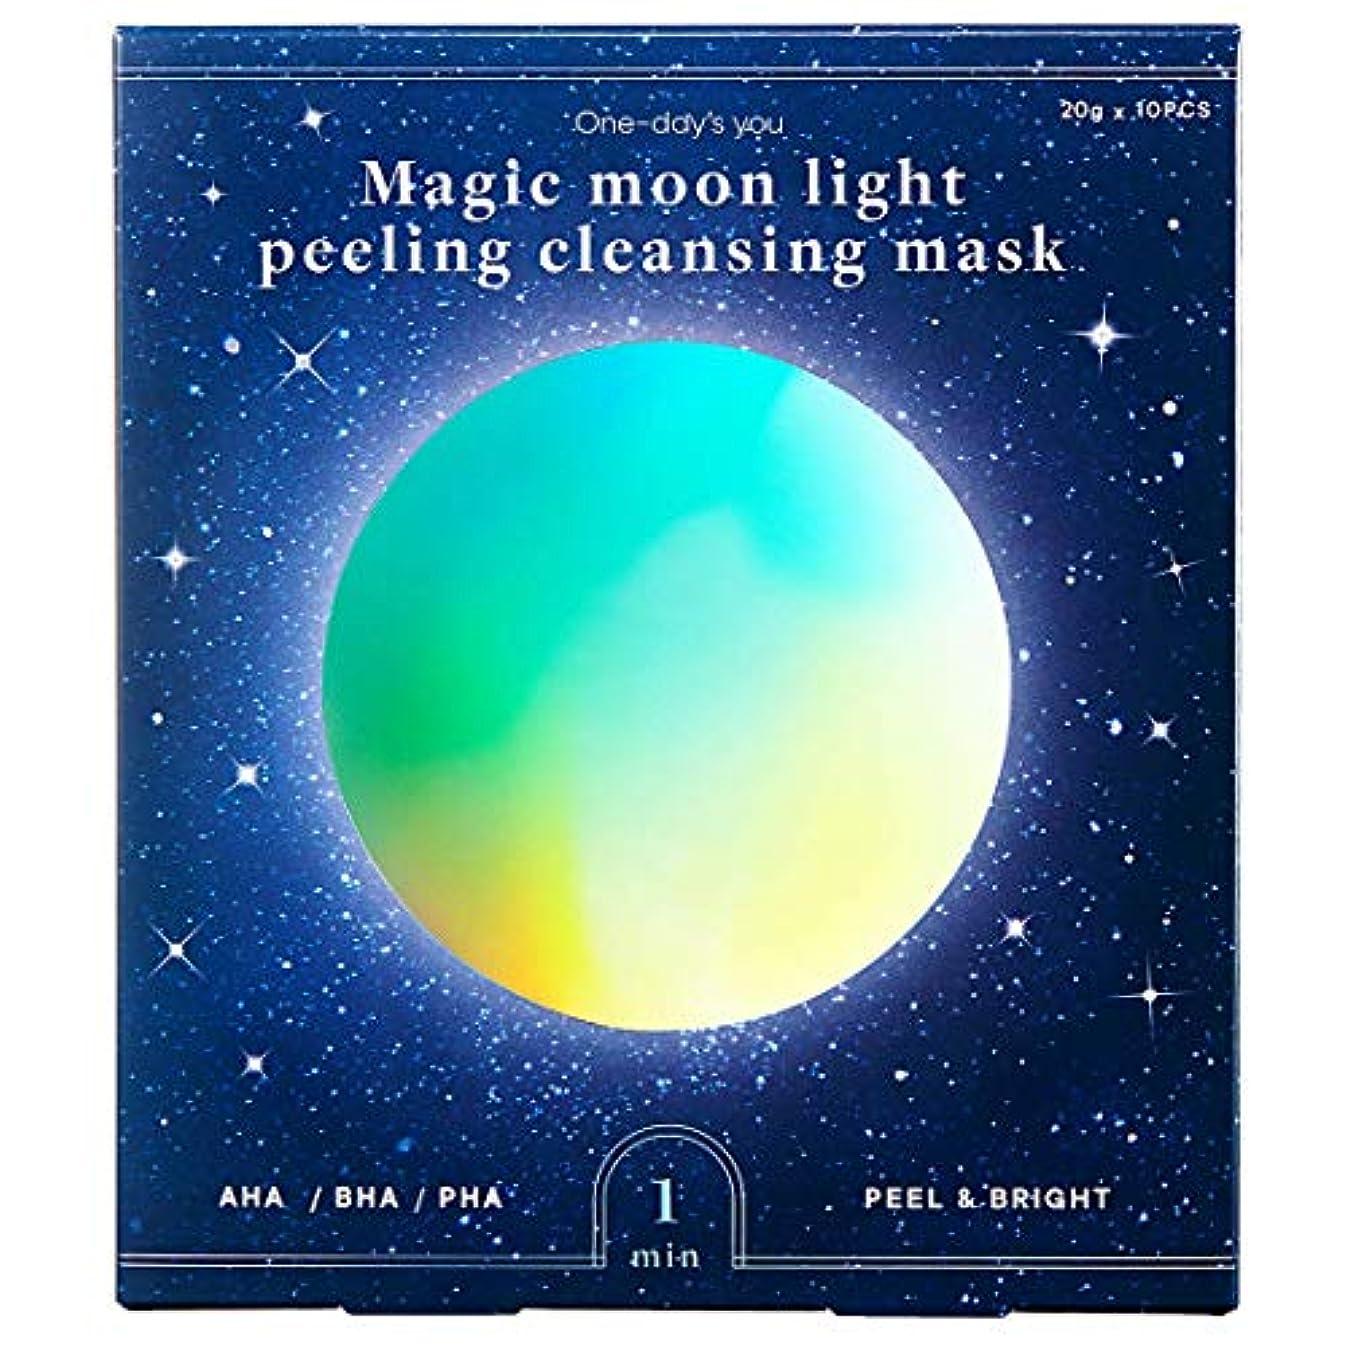 文房具春暖かくOne day's you [ワンデイズユー ] マジック ムーンライト ピーリング クレンジング マスク/Magic Moonlight Peeling Cleansing Mask (20g*10ea) [並行輸入品]